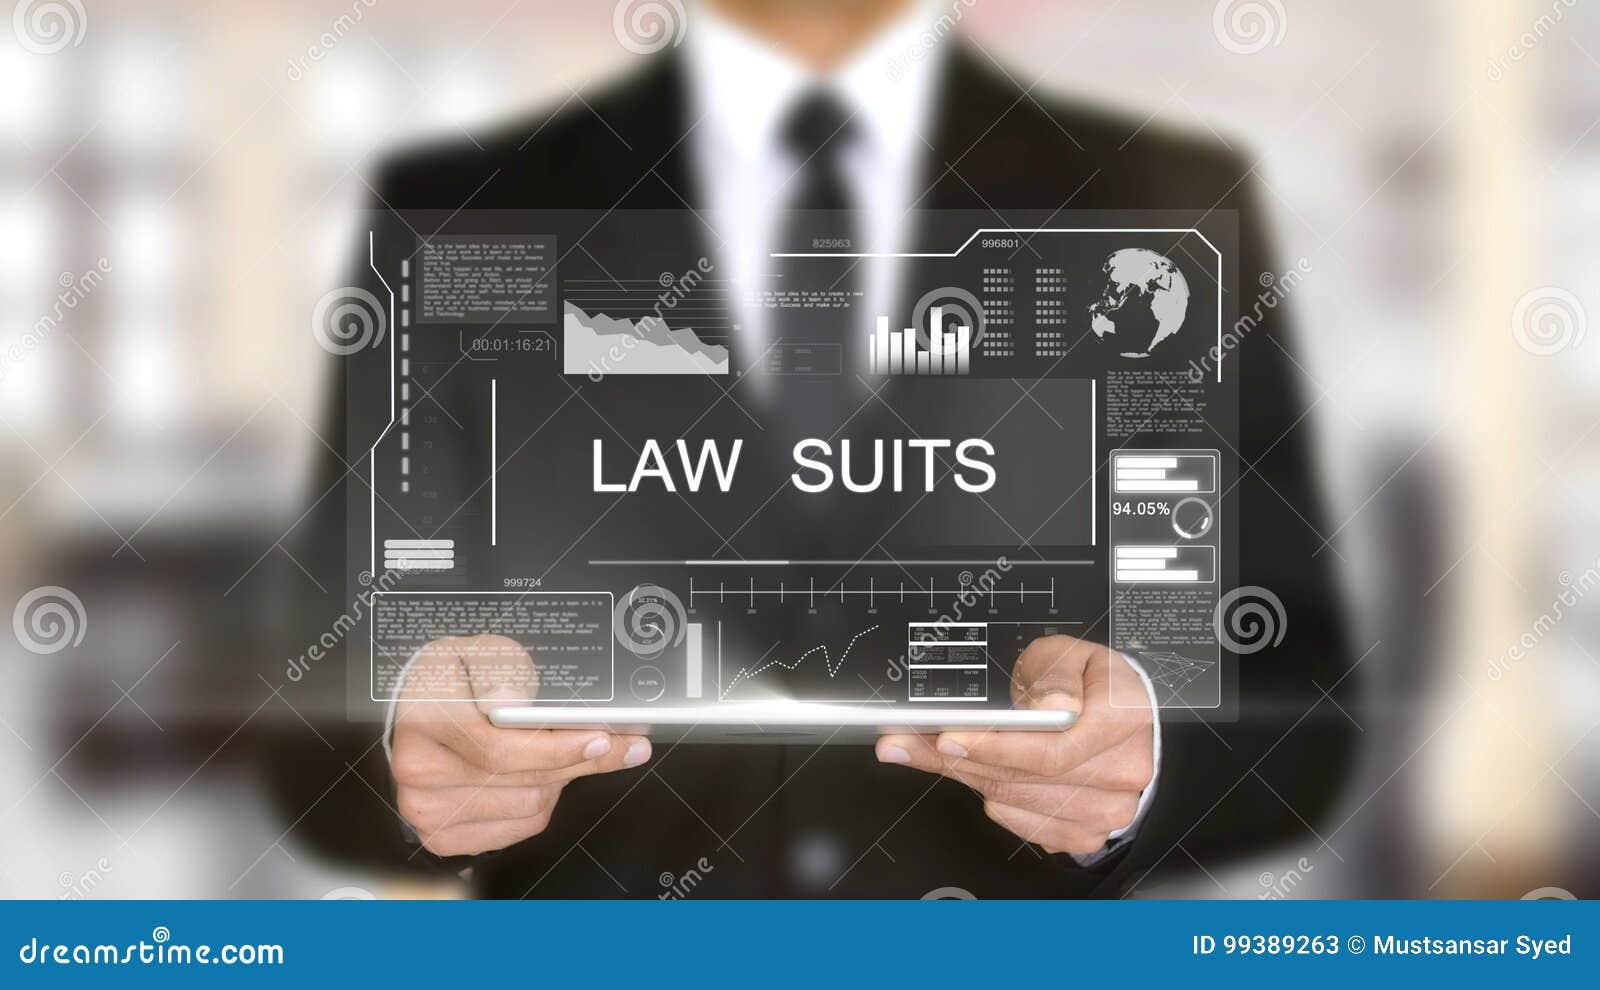 法律衣服,全息图未来派接口,增添了虚拟现实